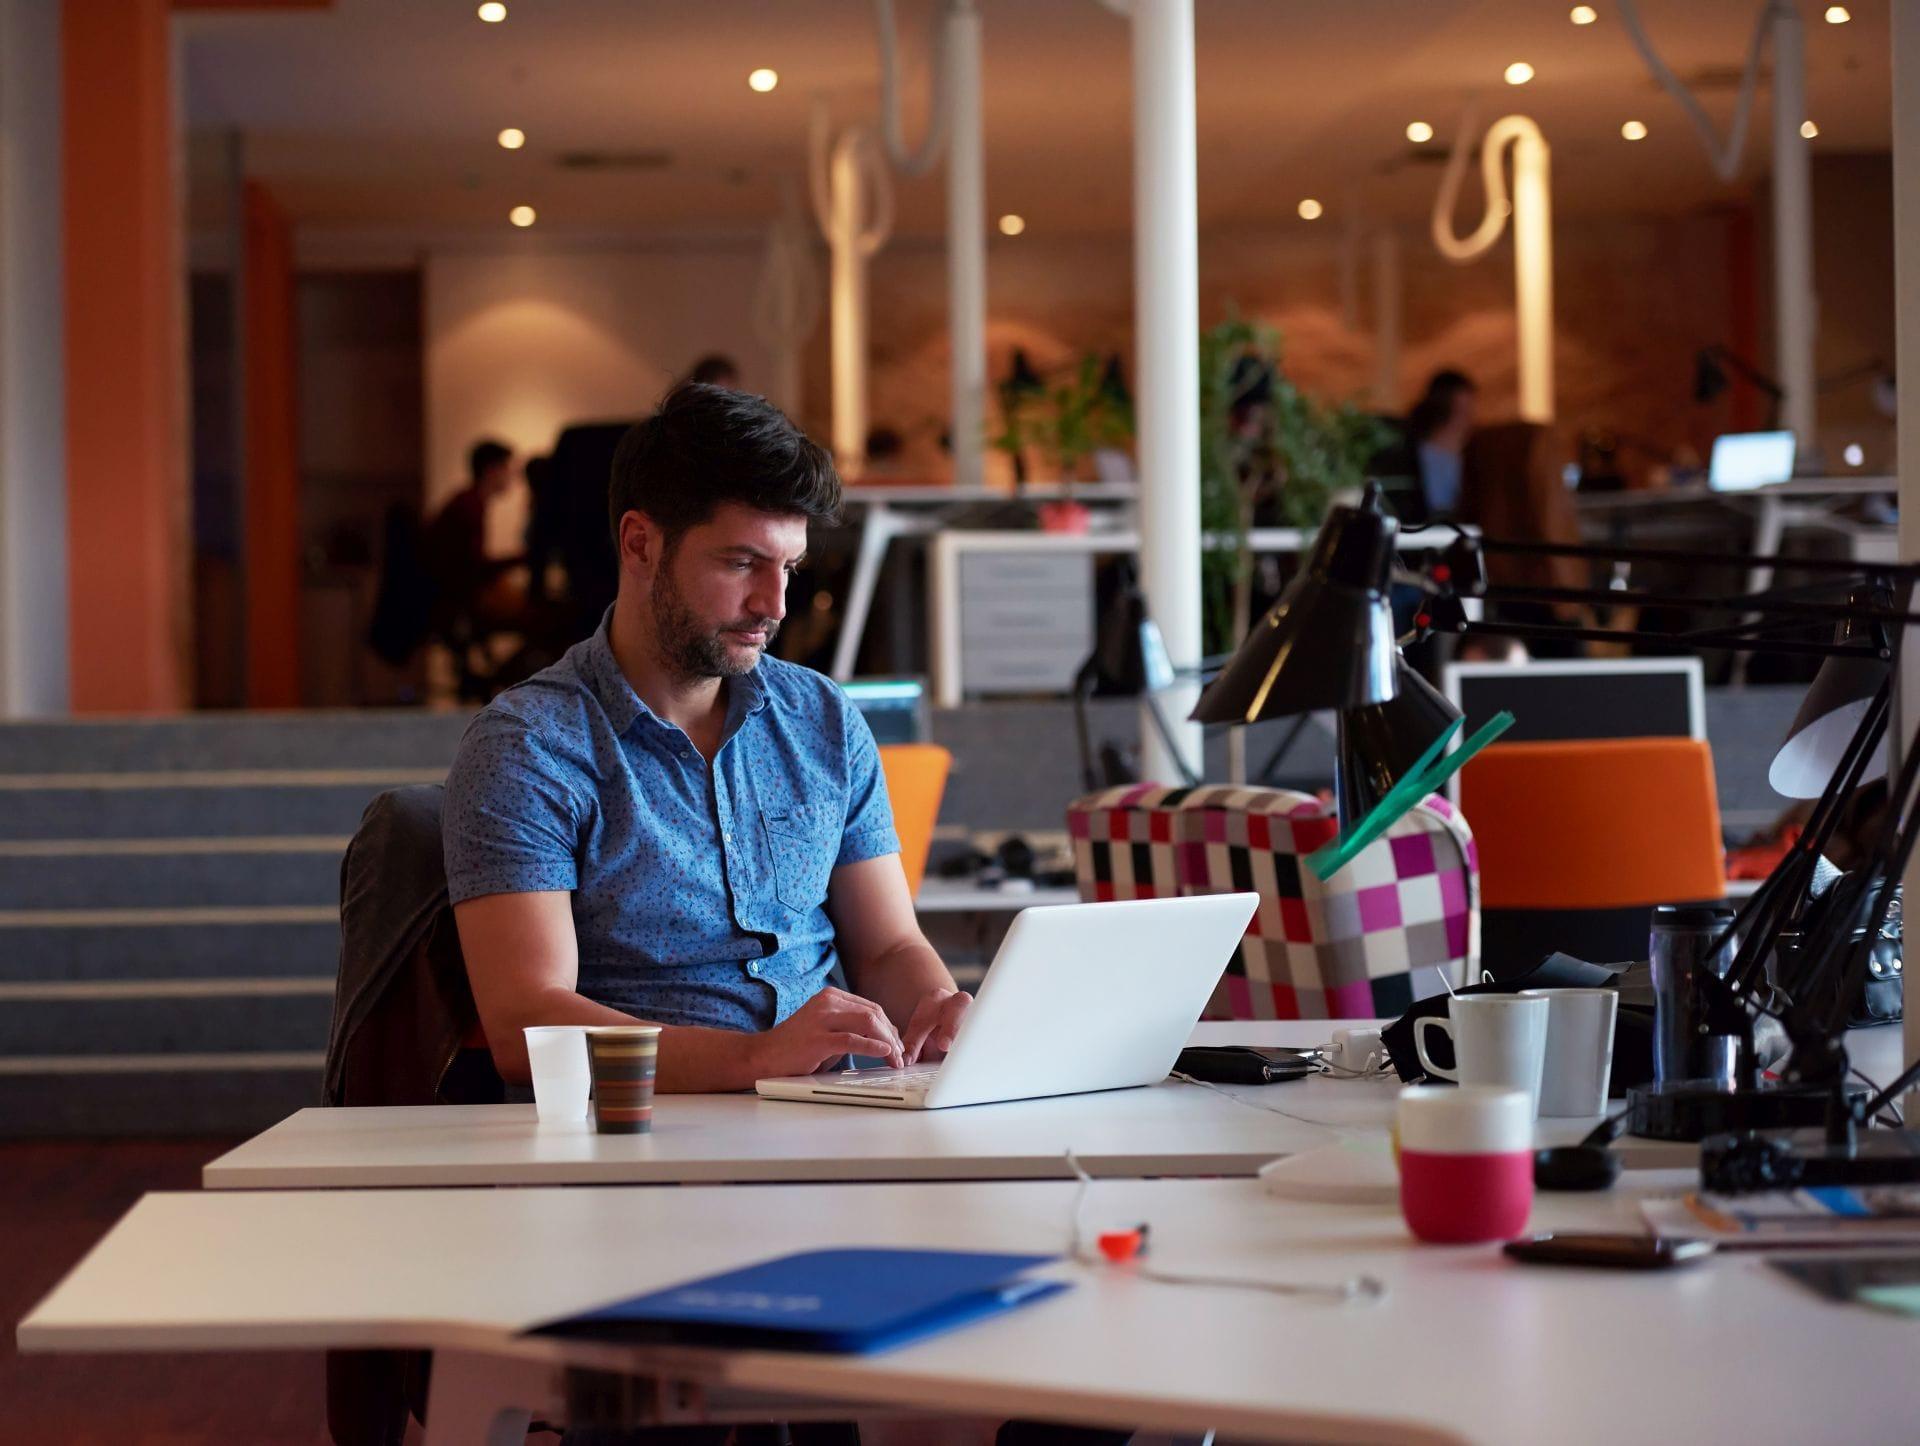 Czy zabraknie pracy dla programistów? - prognoza na 2020 rok